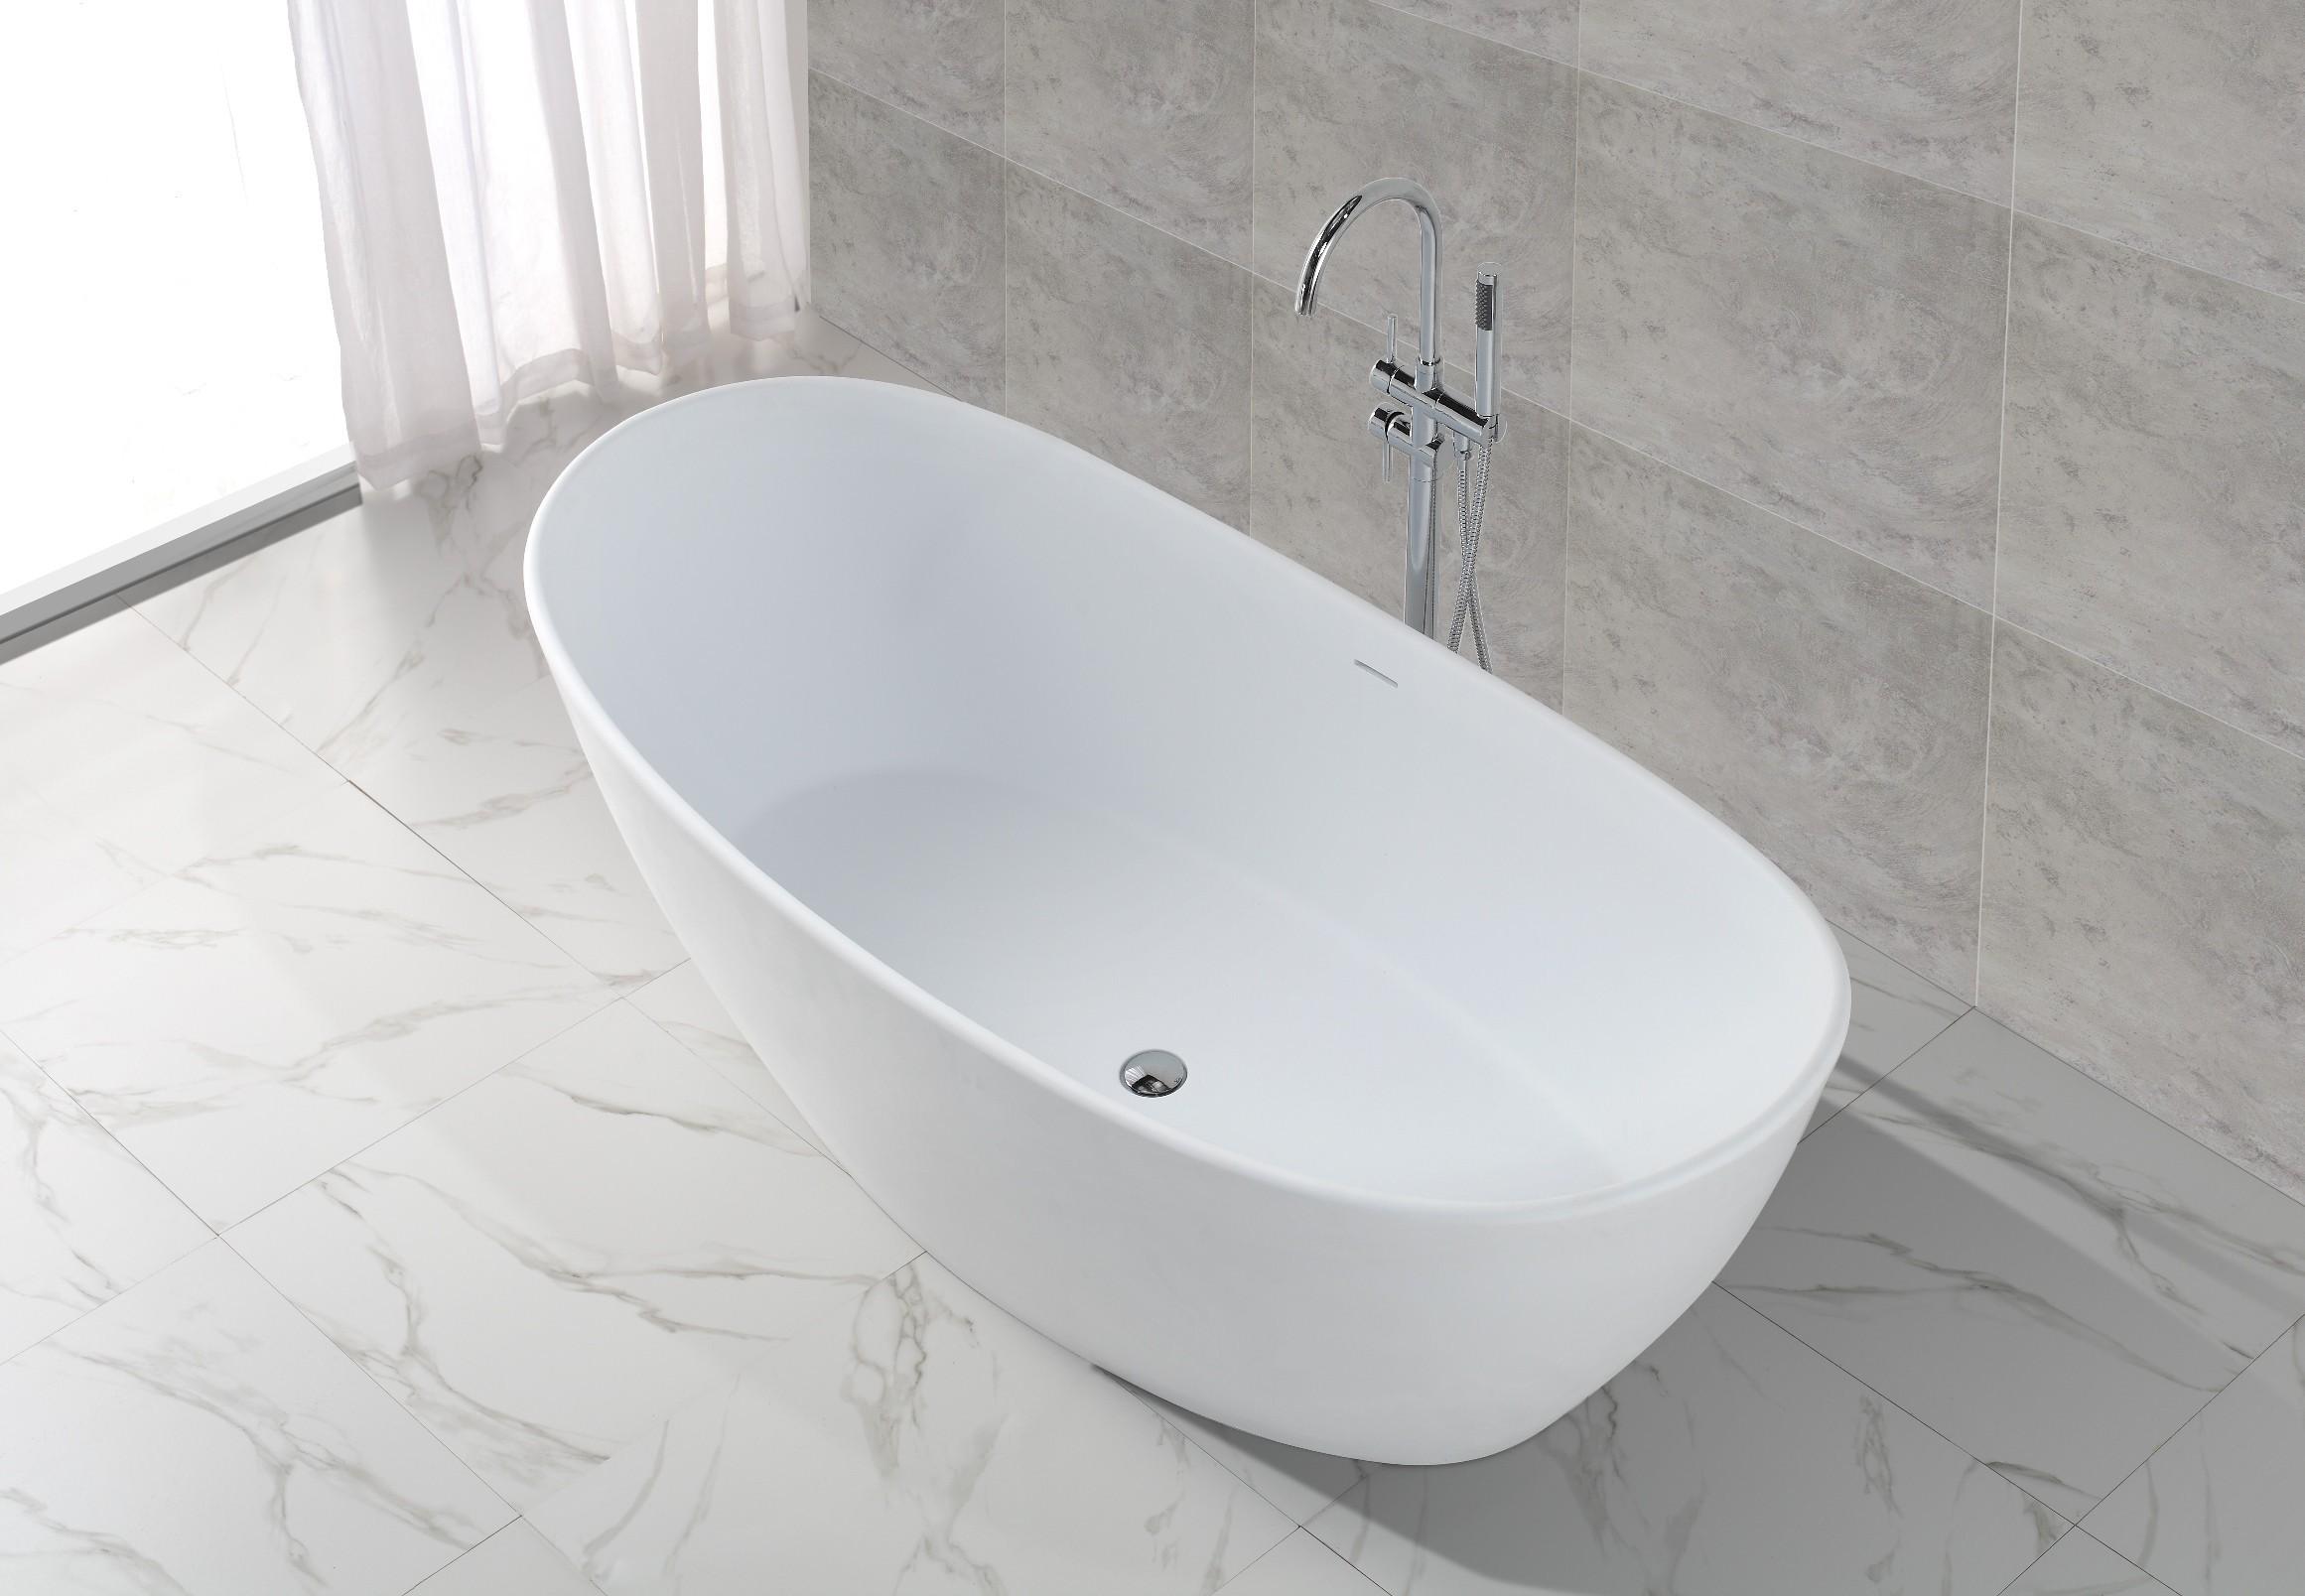 freistehende badewanne mineralguss kkr b034 b badewelt. Black Bedroom Furniture Sets. Home Design Ideas